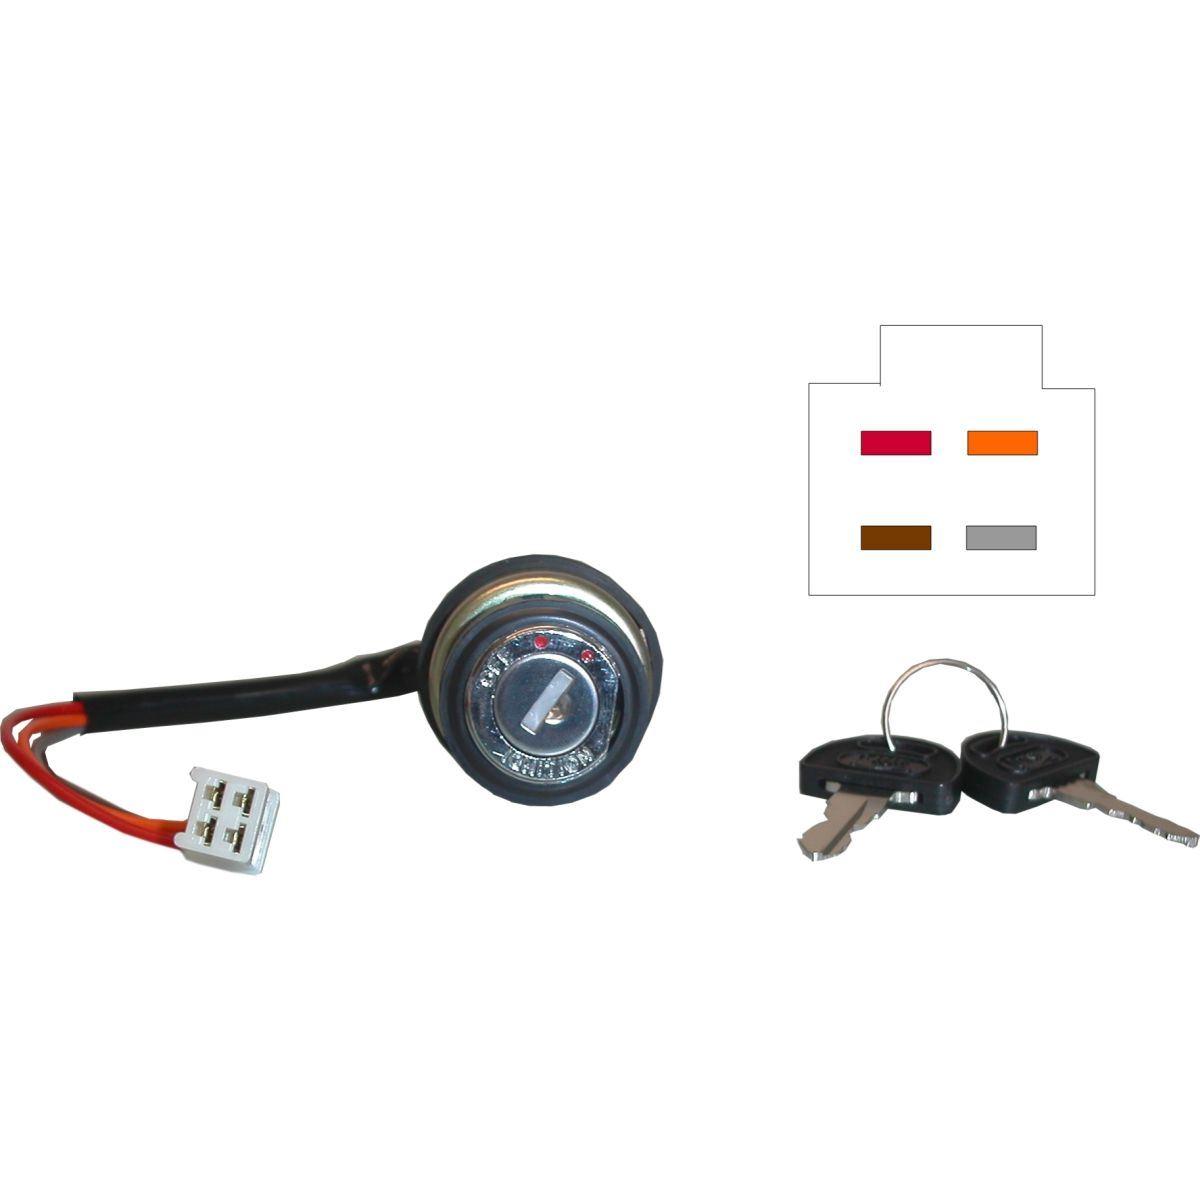 ignition switch for 1973 suzuki gt 380 k